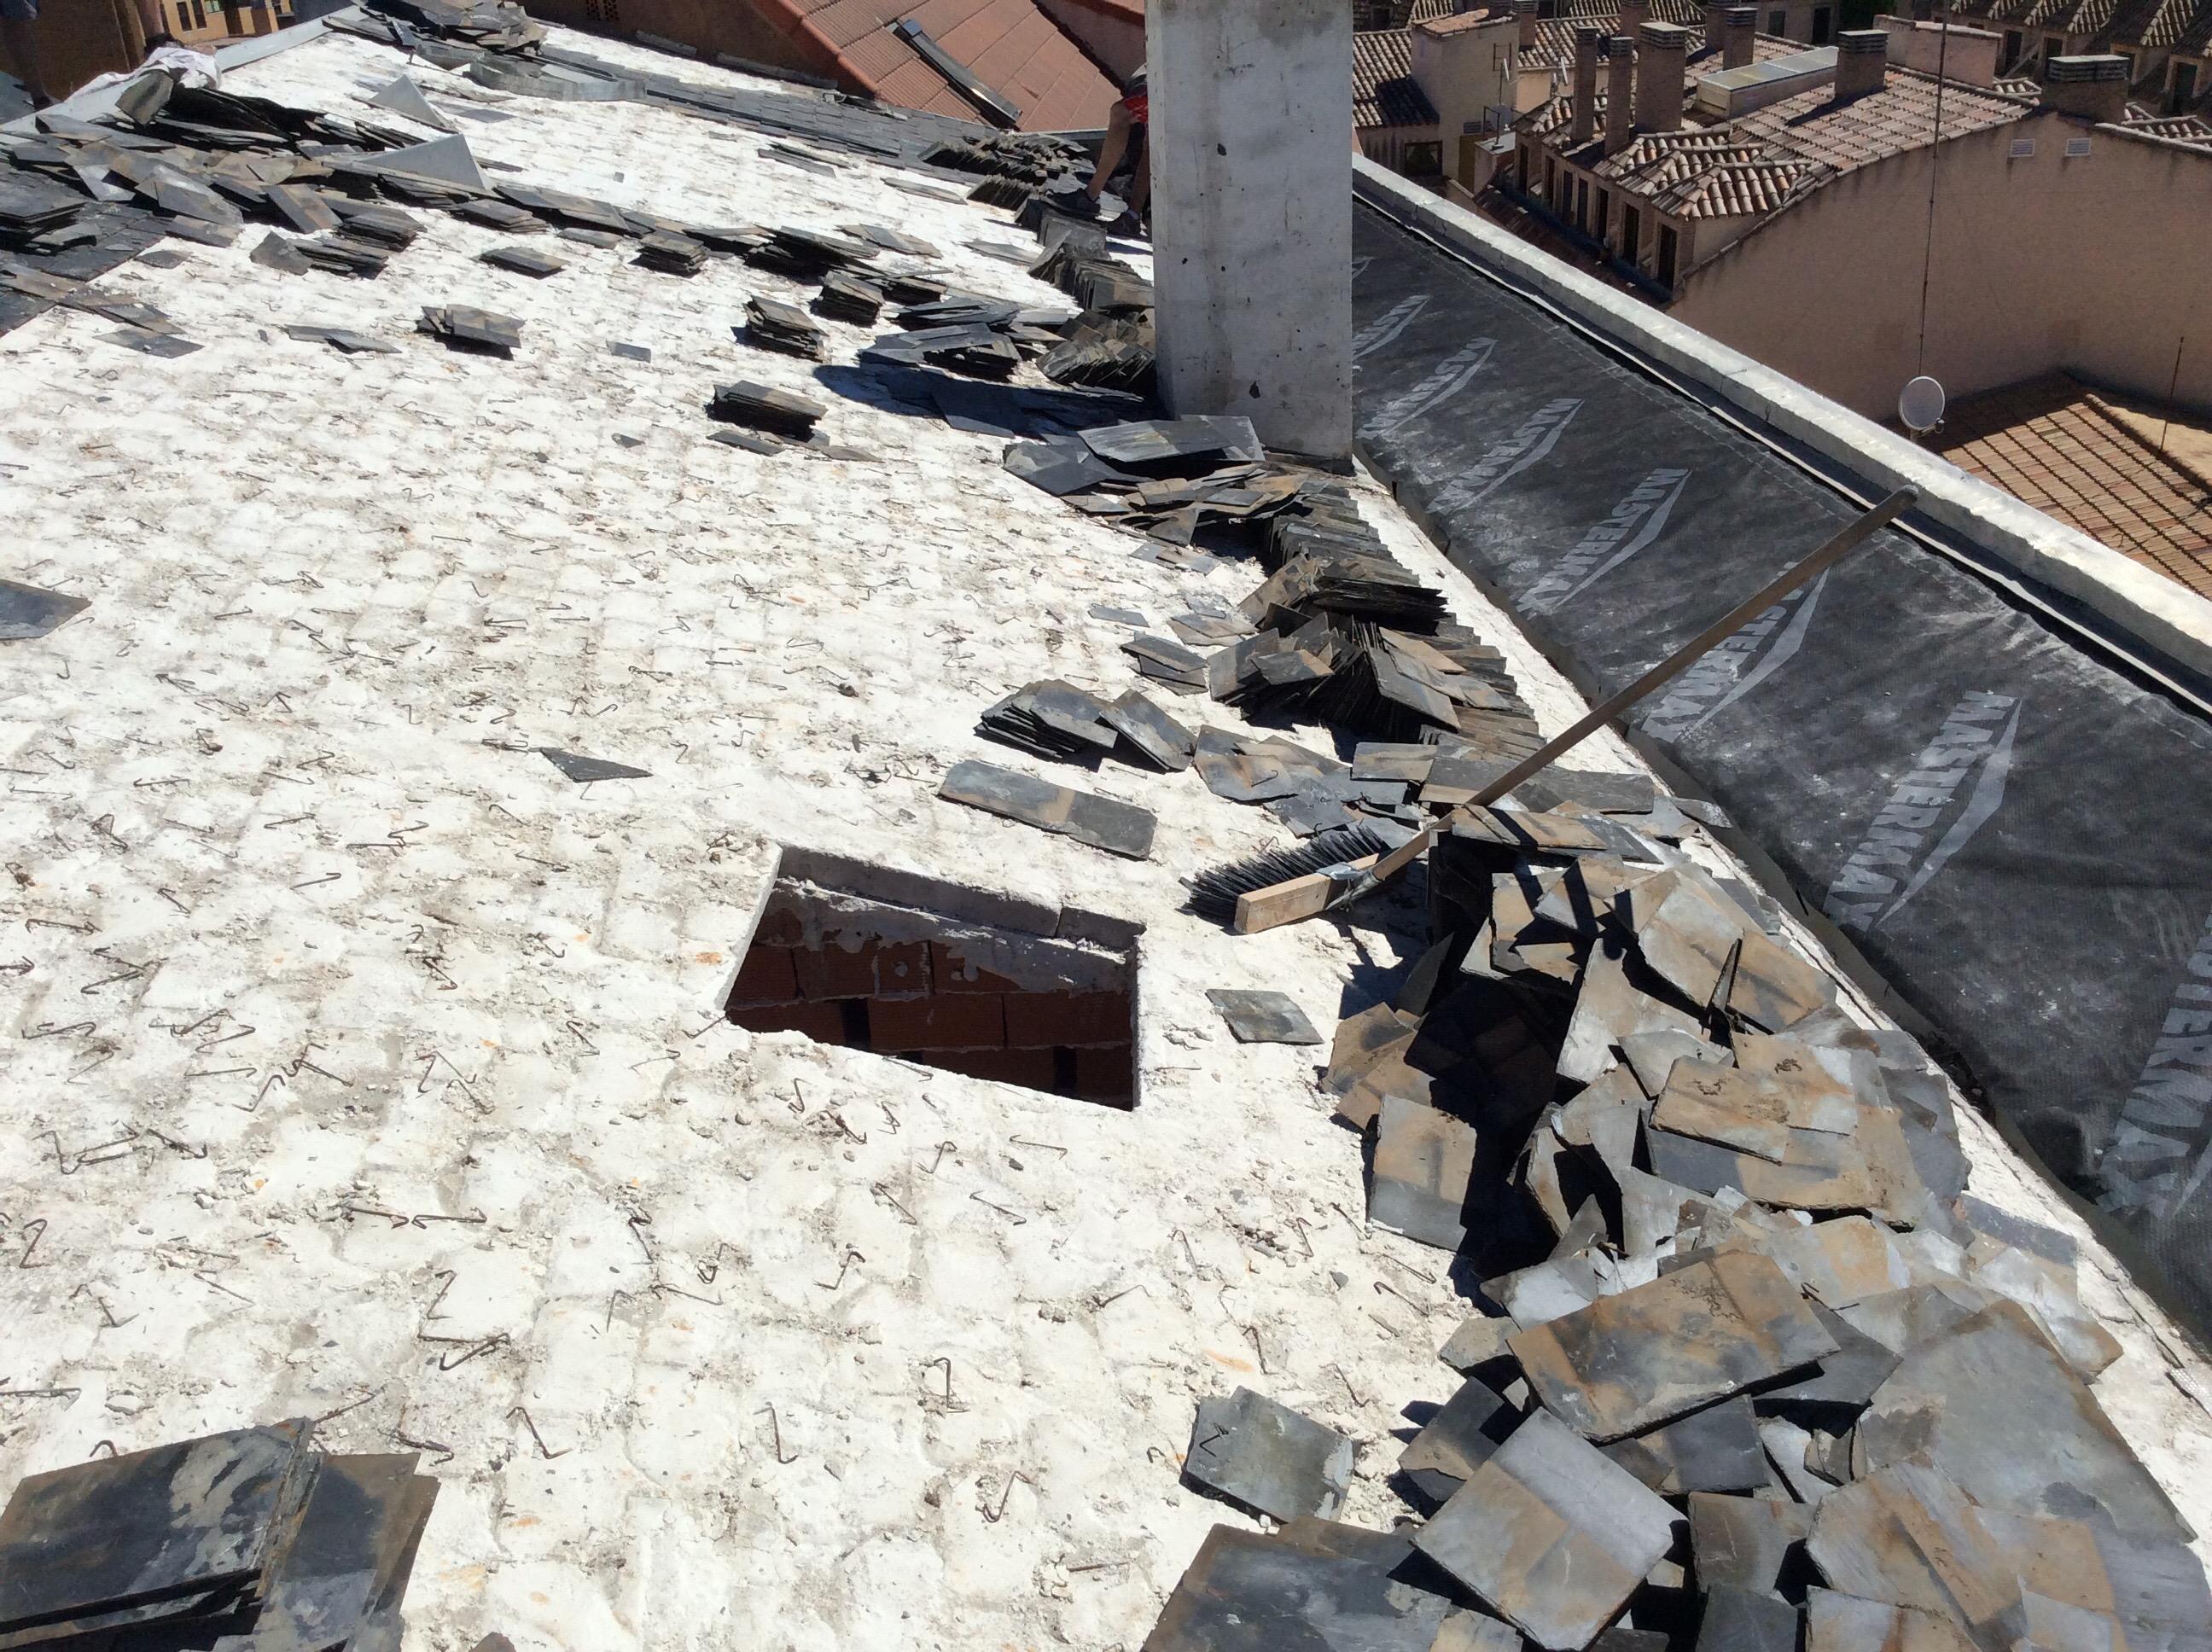 base del tejado de pizarra hundida